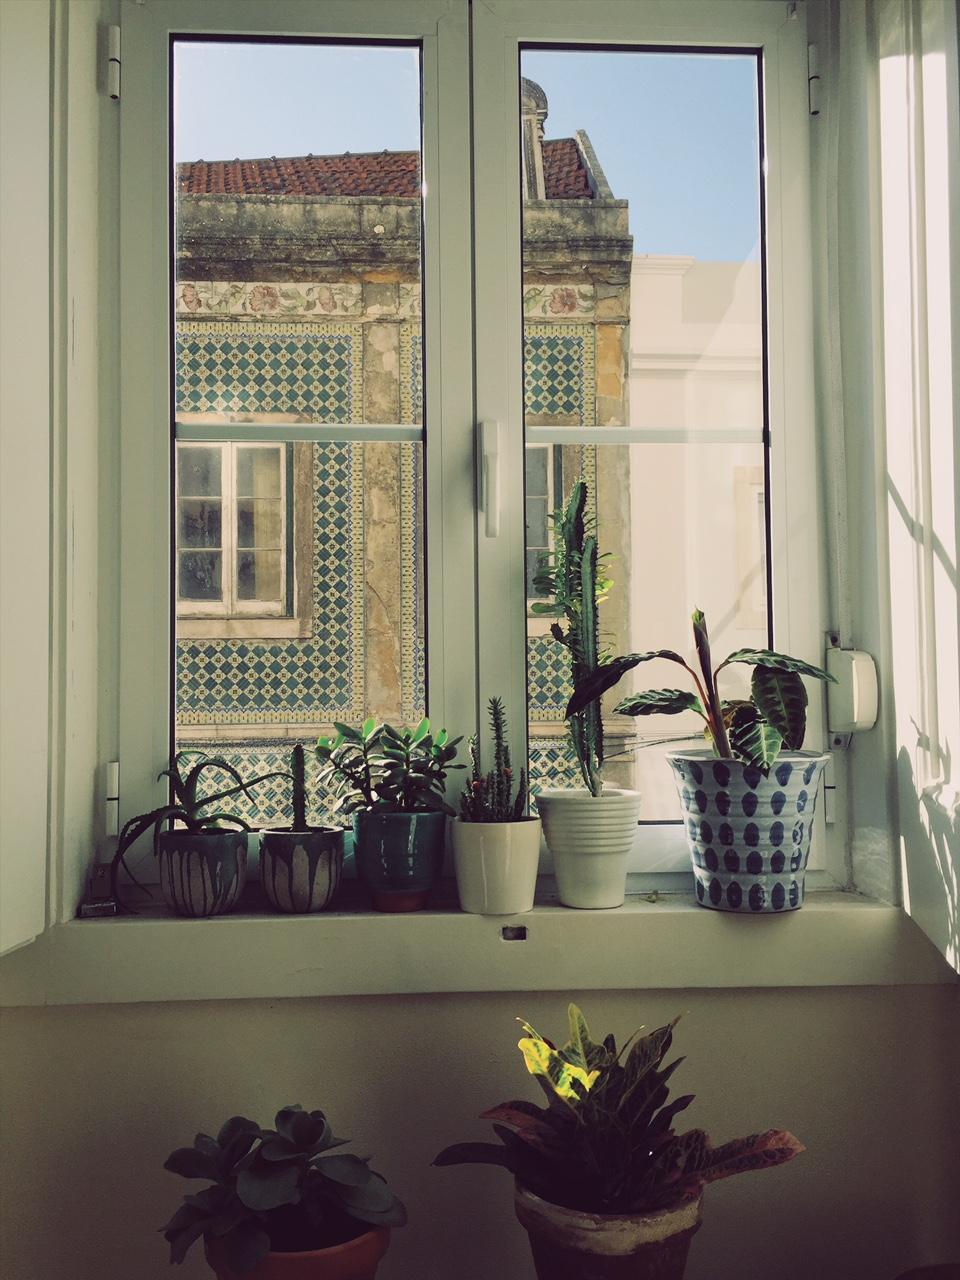 Plantfluencer